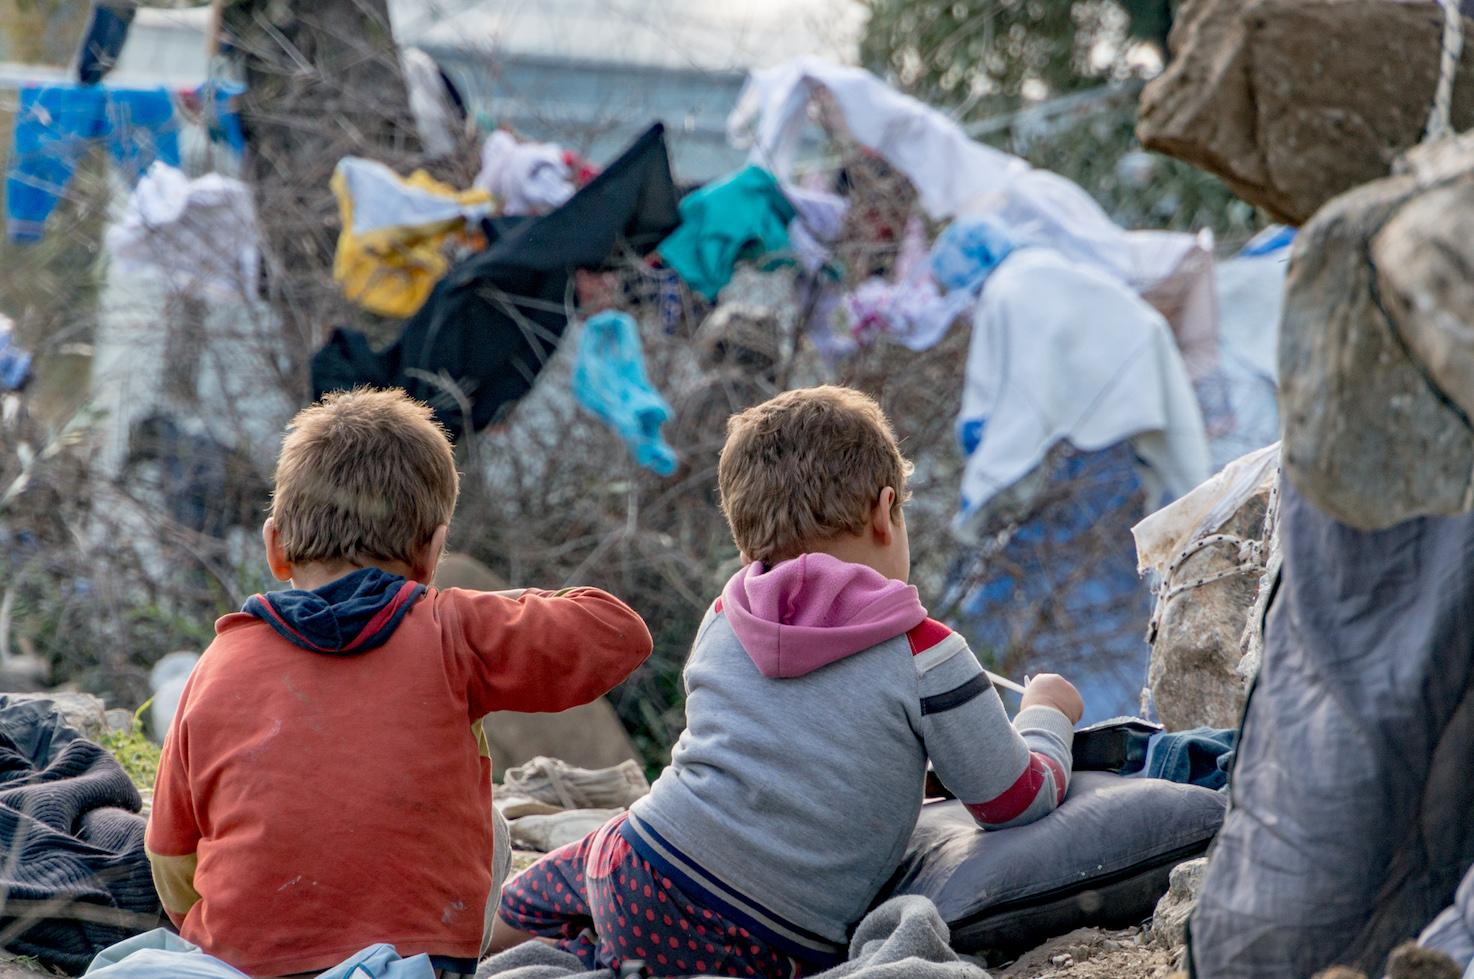 Weeskinderen op Lesbos 2017